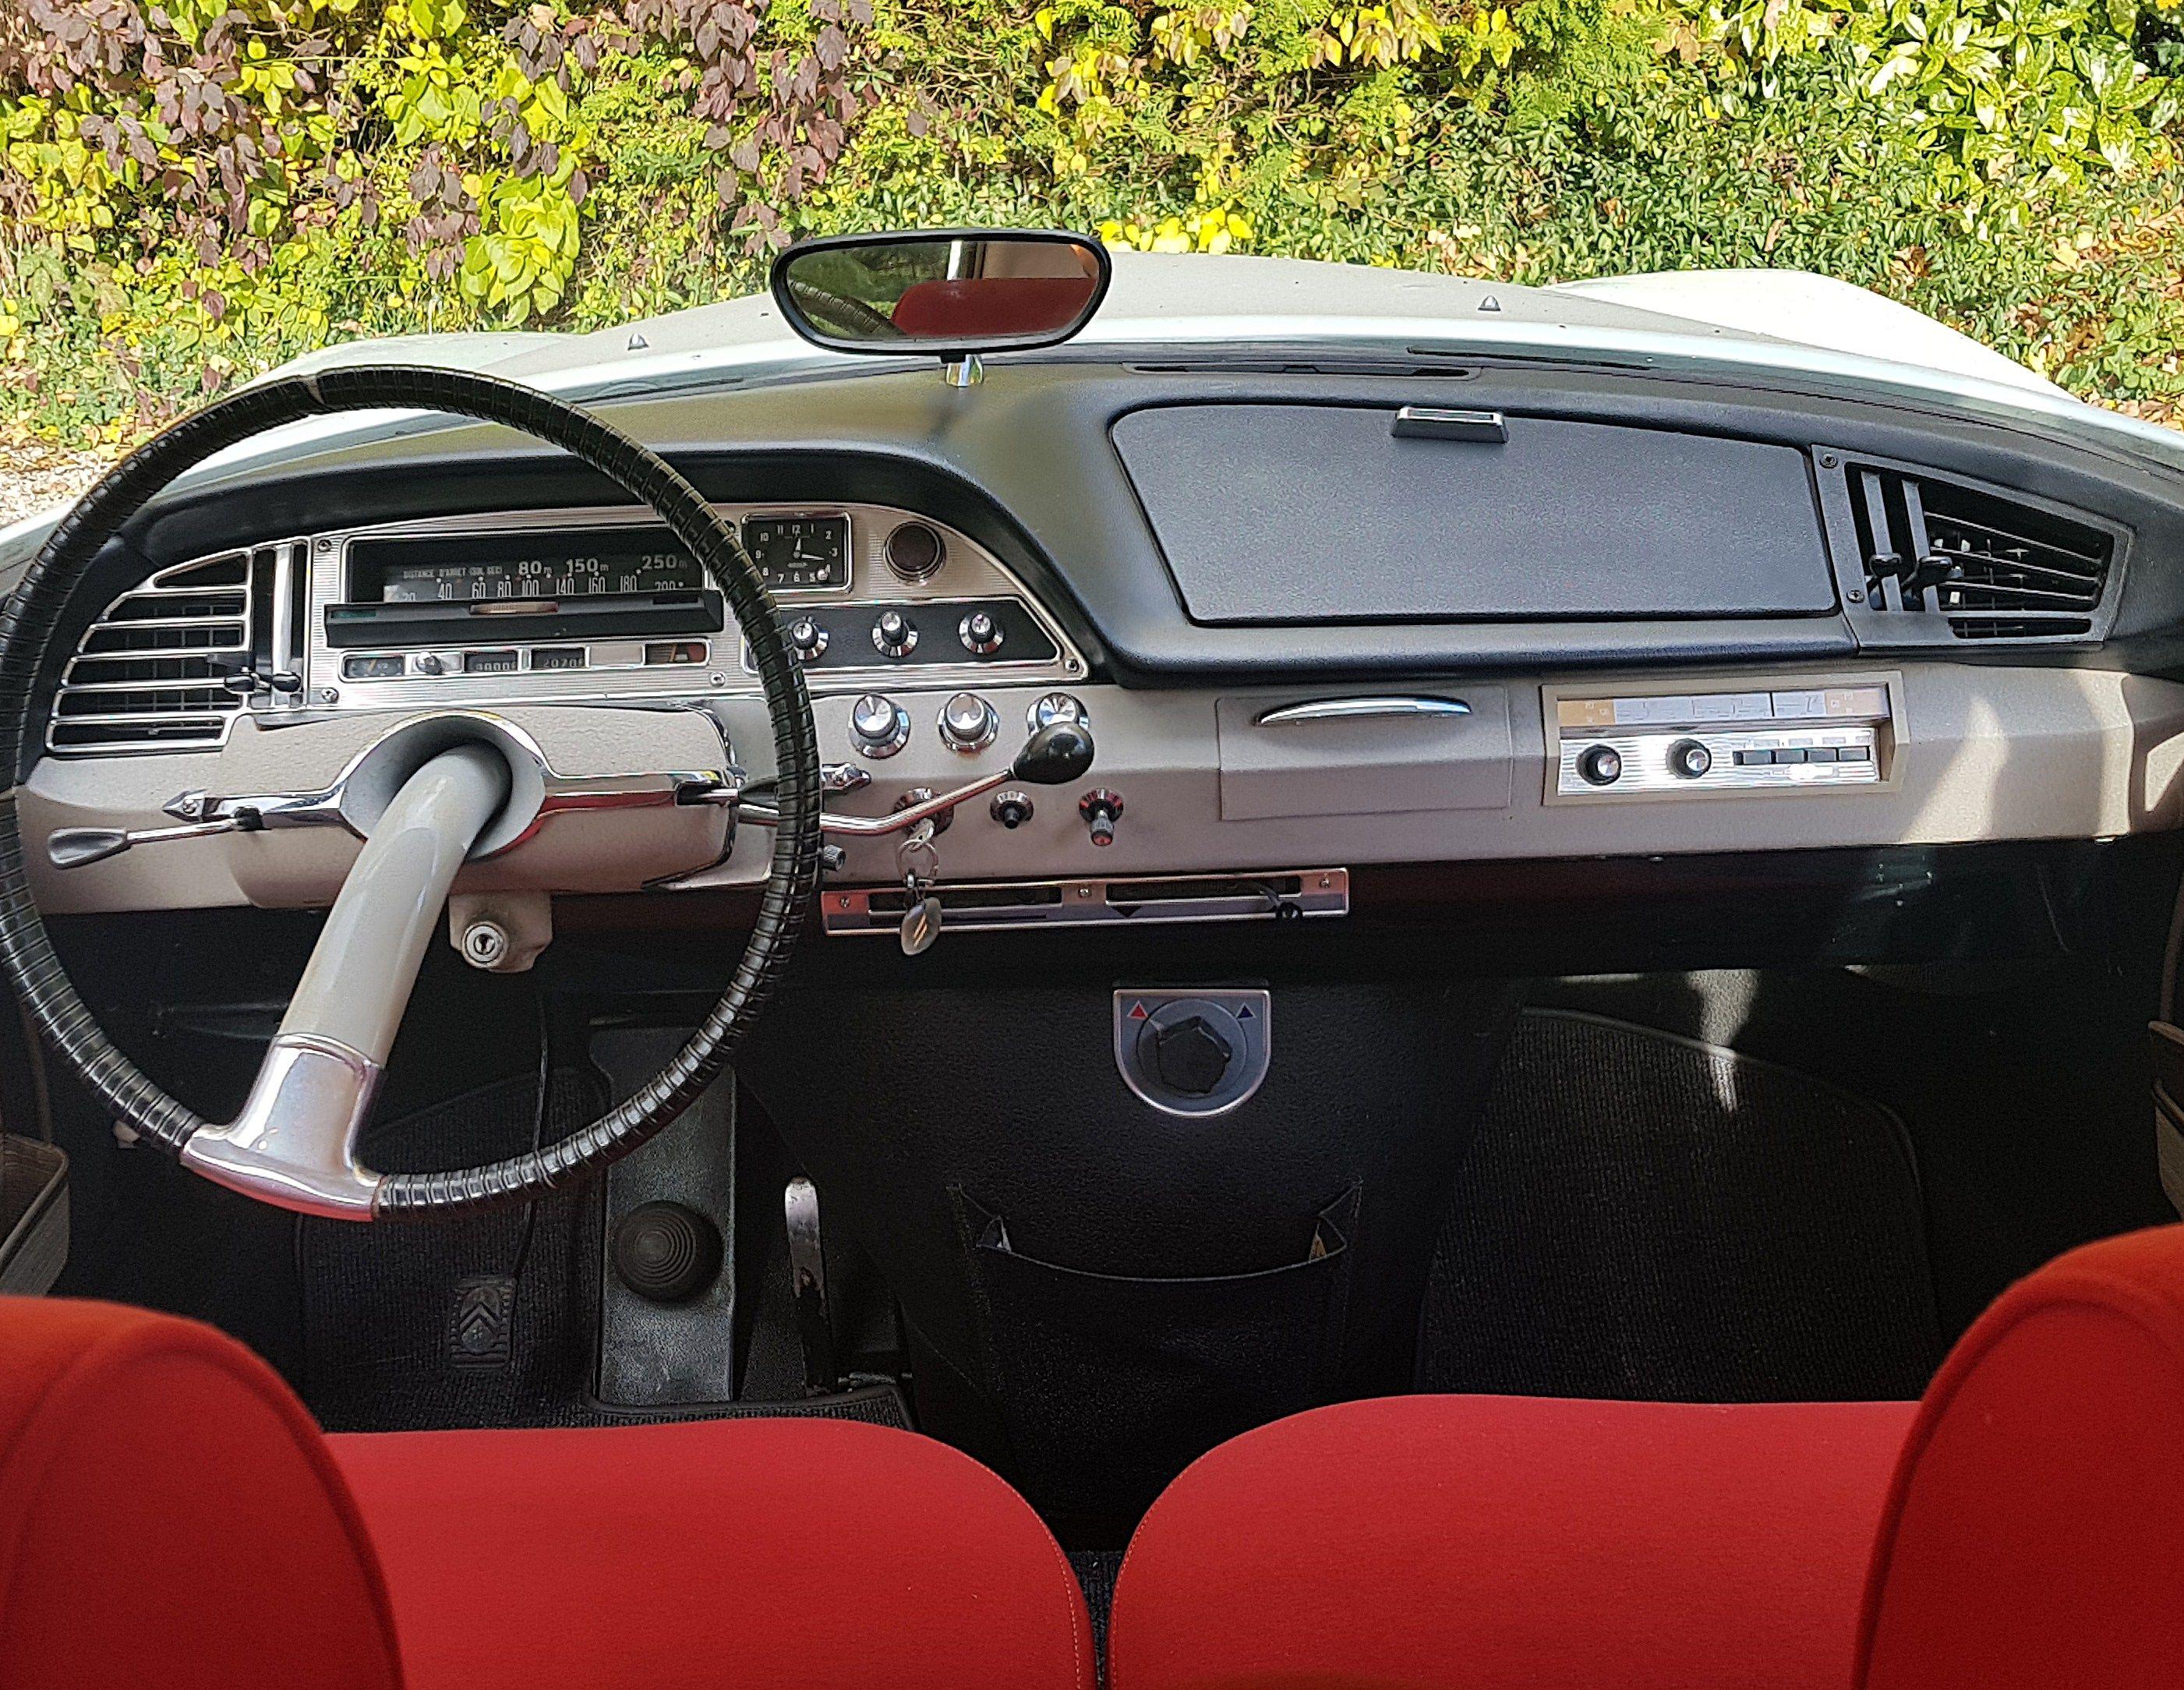 Citroen DS 21 1968 dashboard Citroen ds, Citroen